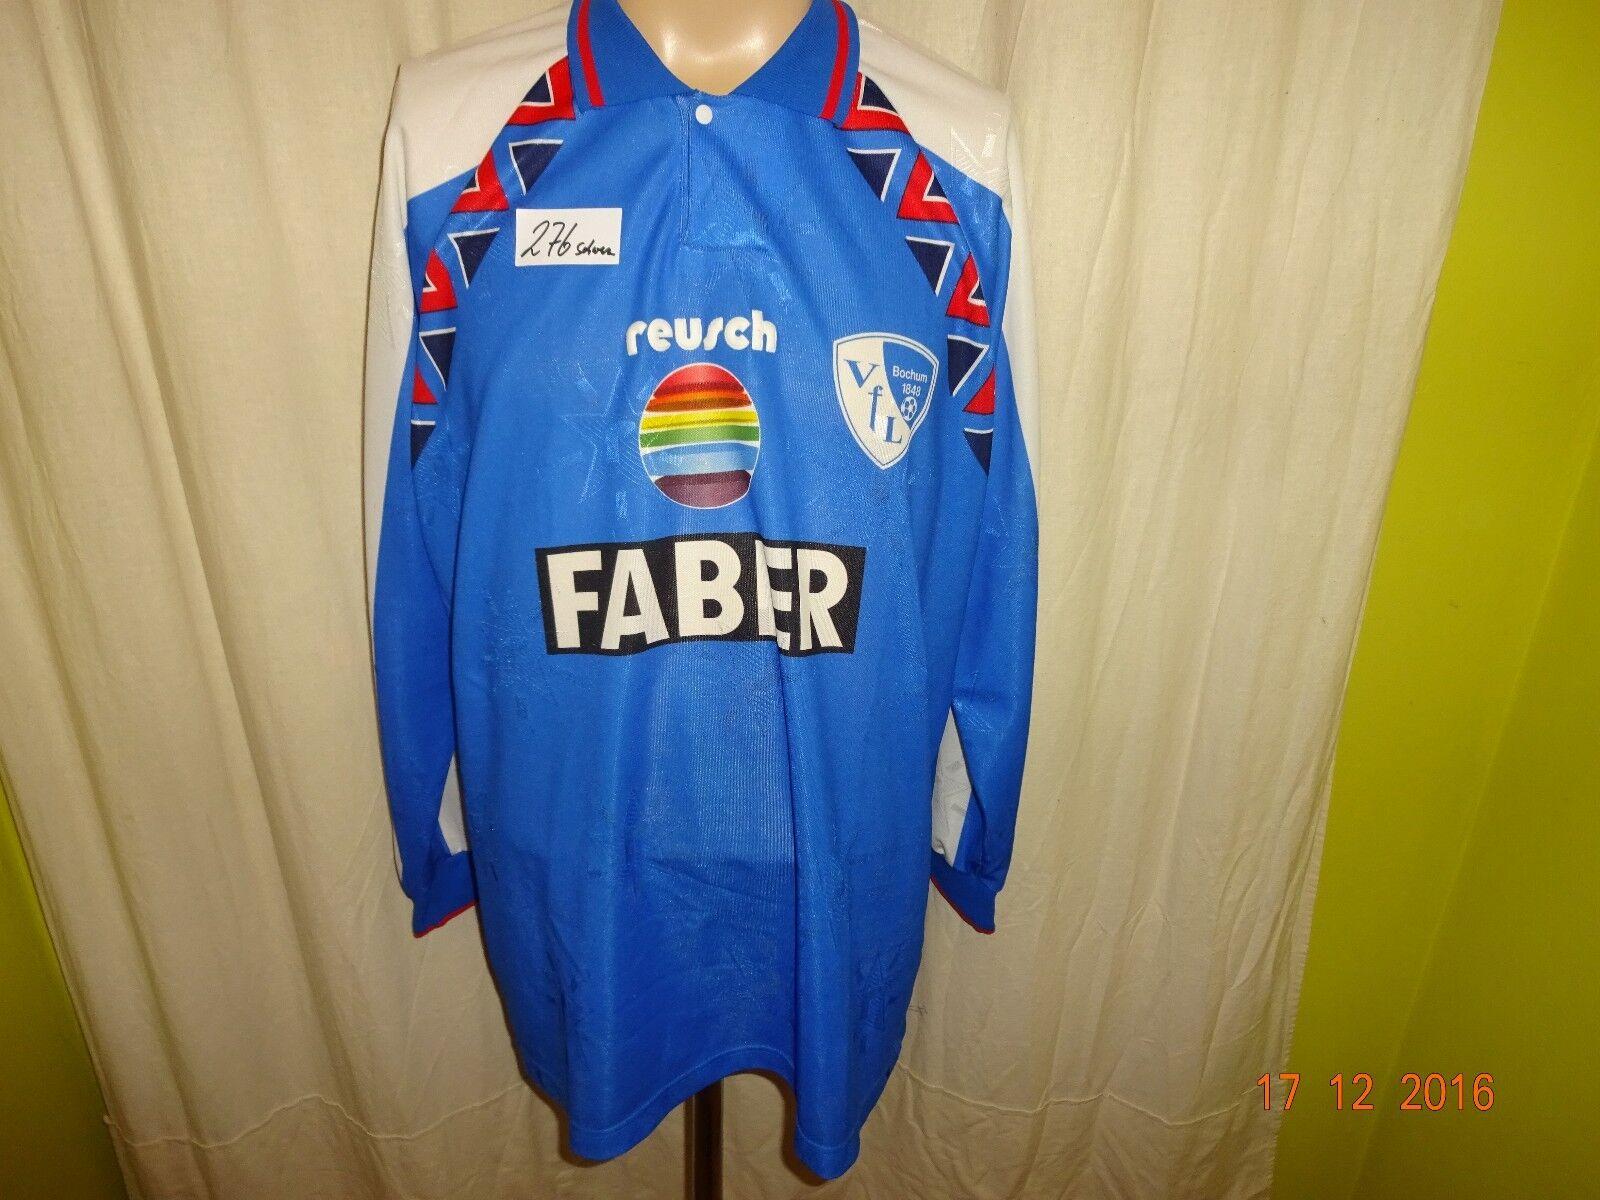 VfL Bochum Original reusch Langarm Heim Trikot 1993 94  Faber  Gr.XXL TOP    Exquisite (mittlere) Verarbeitung